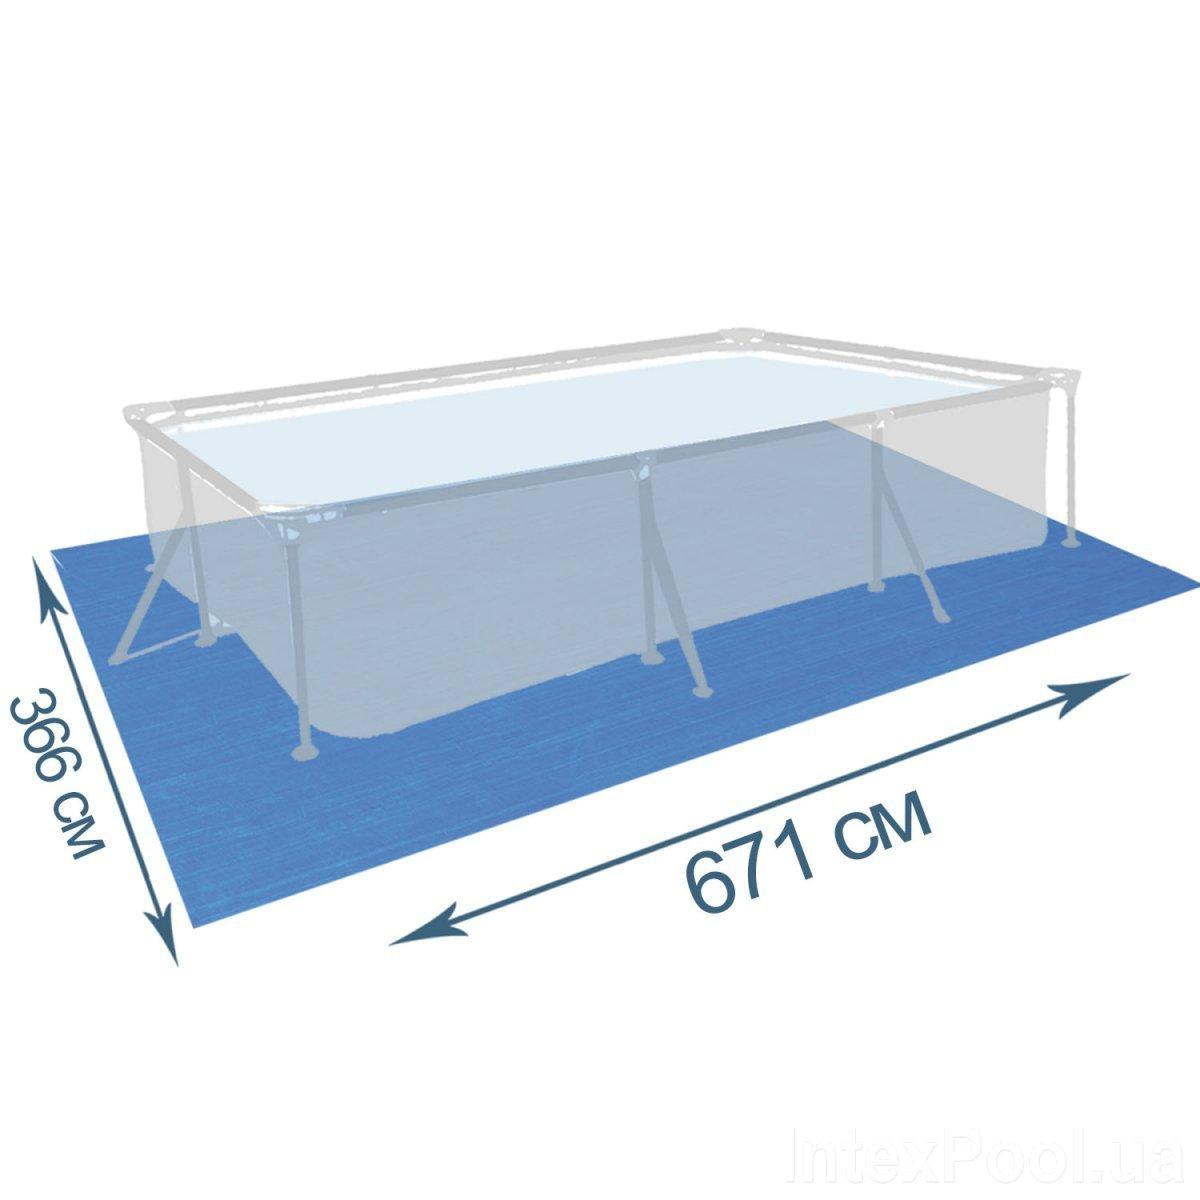 Подстилка для бассейна IntexPool 55017, 671 х 366 см, прямоугольная